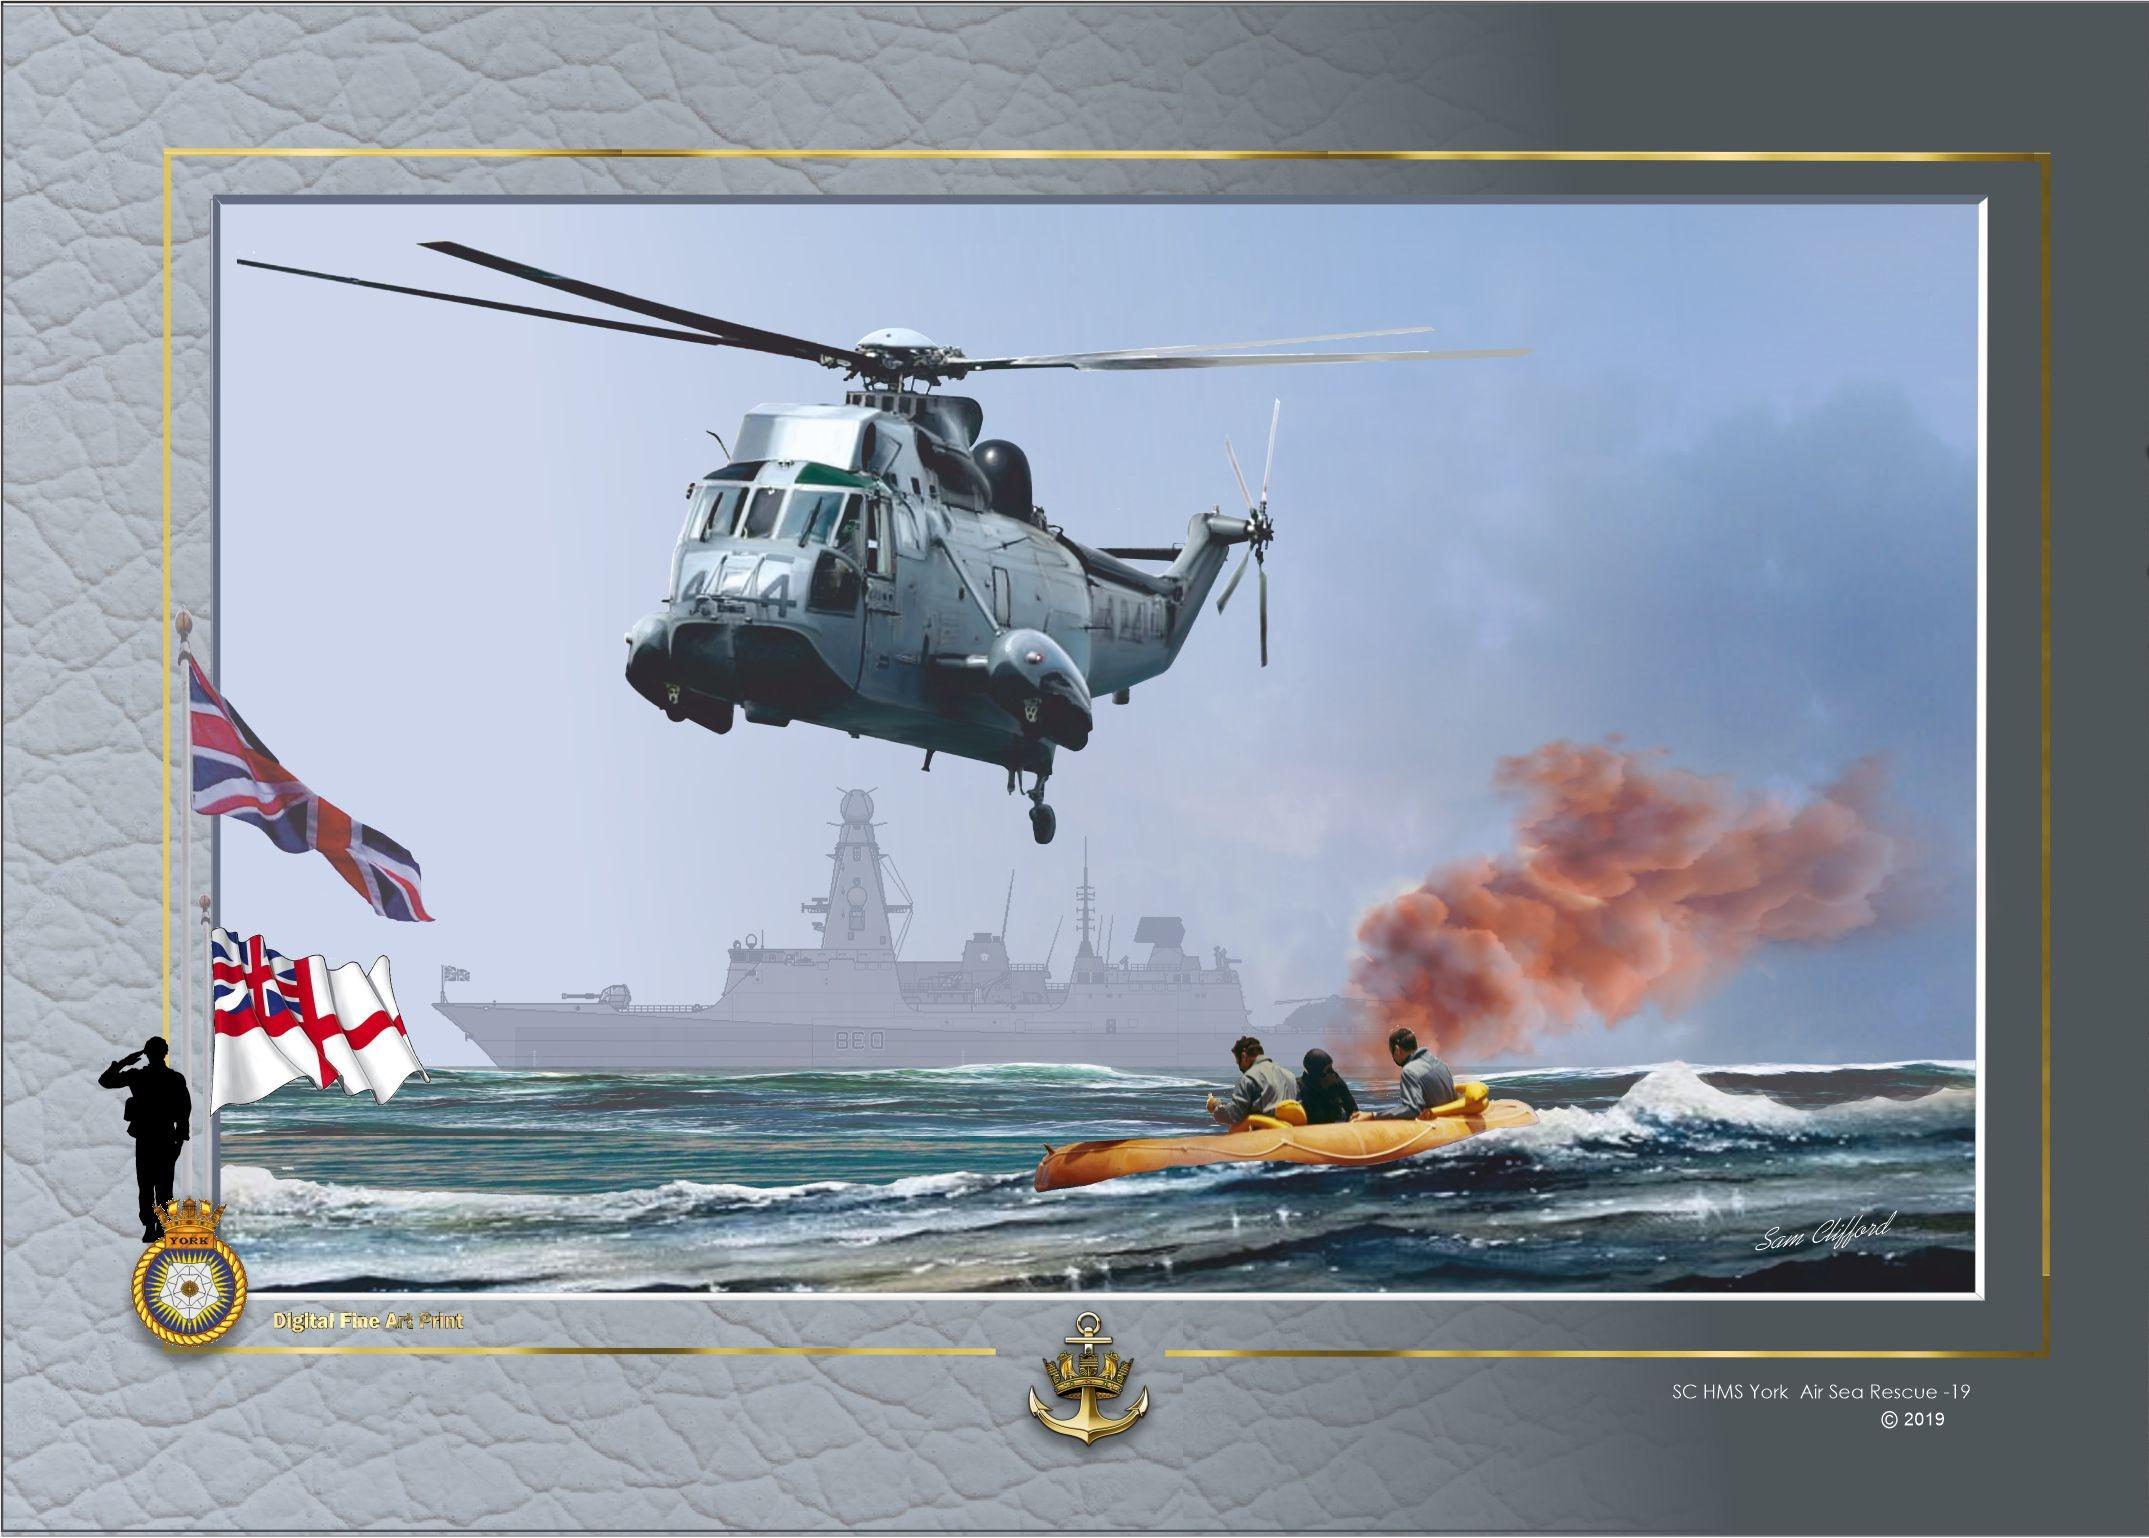 print code SC Air Sea Rescue-19